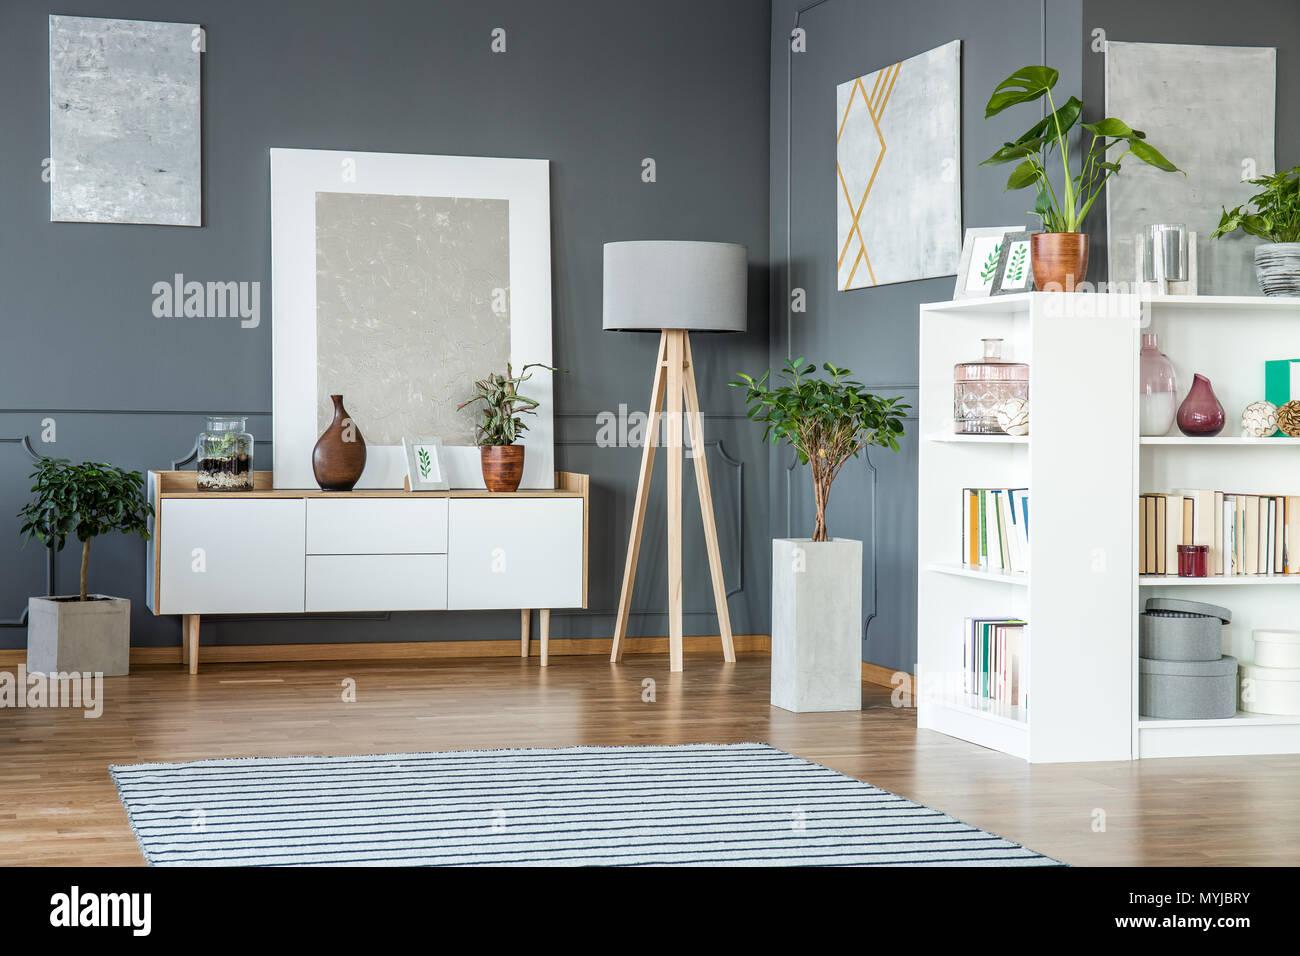 Weißen Schrank und Regale, Holz- Lampe und Gemälde auf die ...